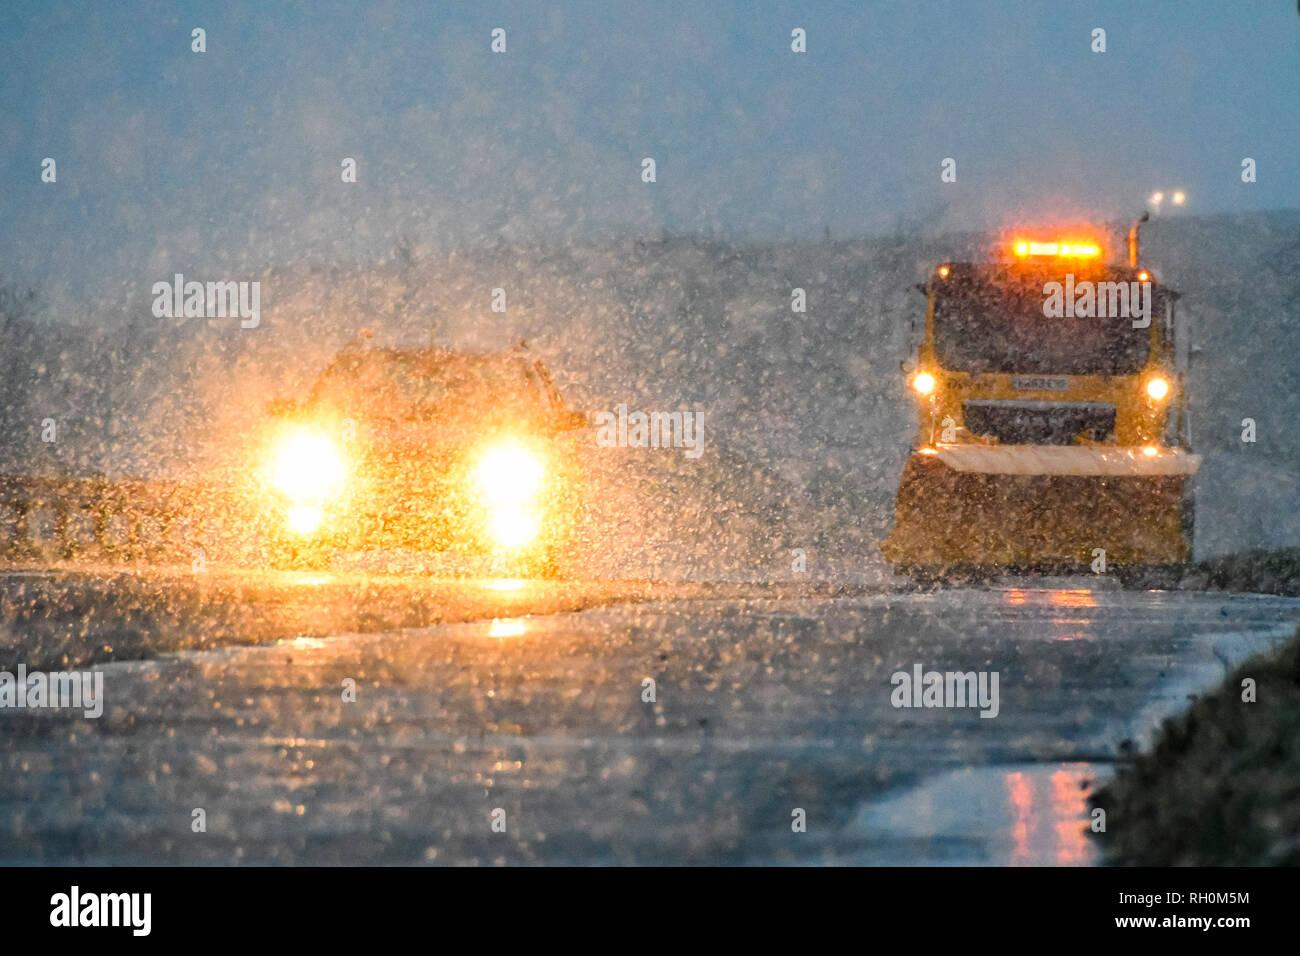 A35, Long Bredy, Dorset, UK. 31 janvier 2019. Météo britannique. Le sablage d'un camion avec un chasse-neige équipés pour traiter la route avec du sel comme neige au crépuscule. Une alerte météo Orange a été émise pour le sud-ouest de l'Angleterre avec 5-10cm de neige prévu pour l'automne. Crédit photo: Graham Hunt Photography/Alamy Live News Photo Stock